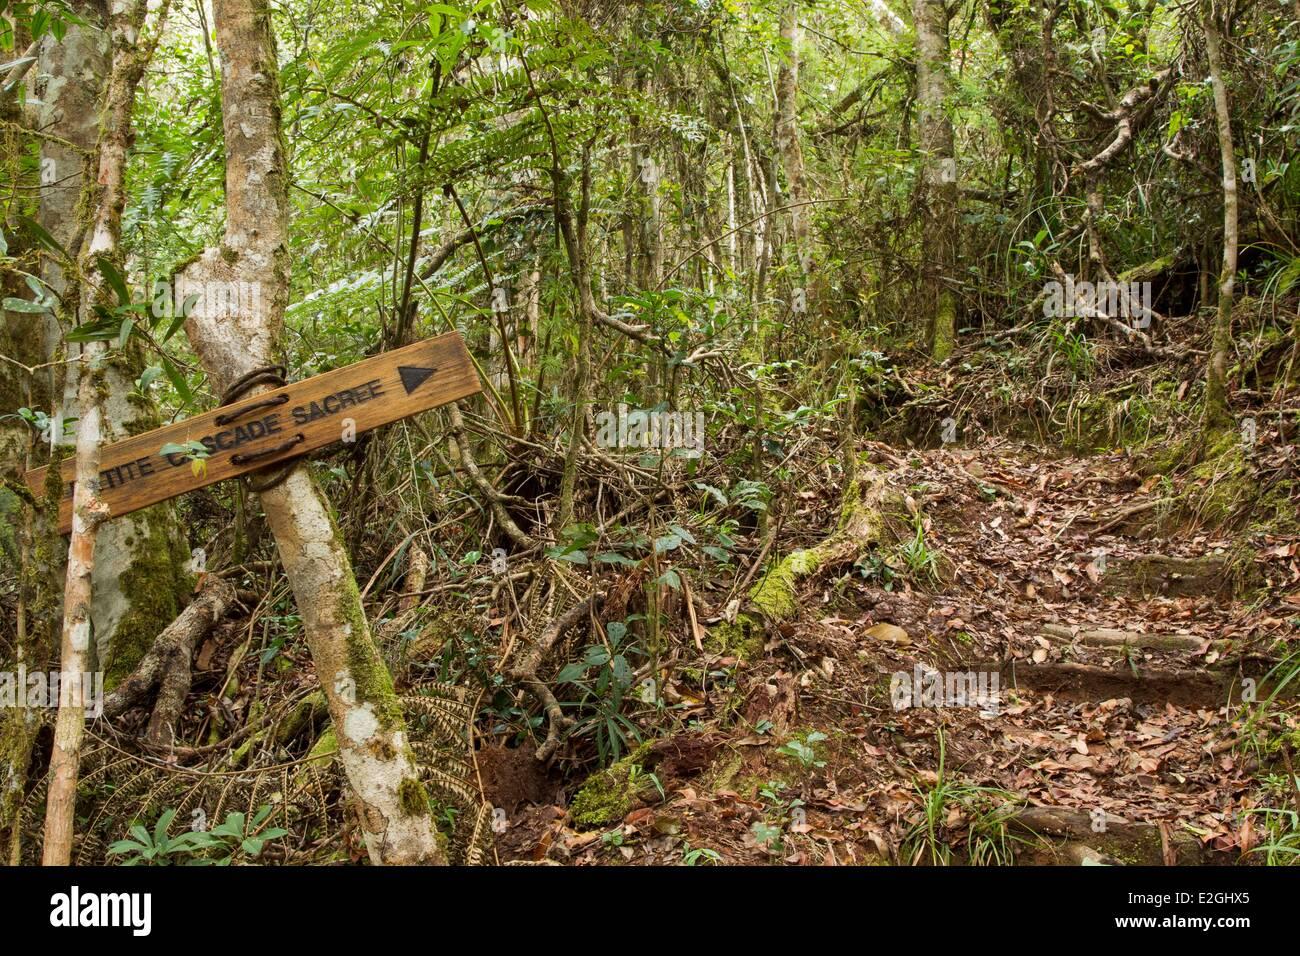 Madagascar Highlands Anjozorobe Angavo protected area Ecotrail in Anjozorobe rainforest - Stock Image